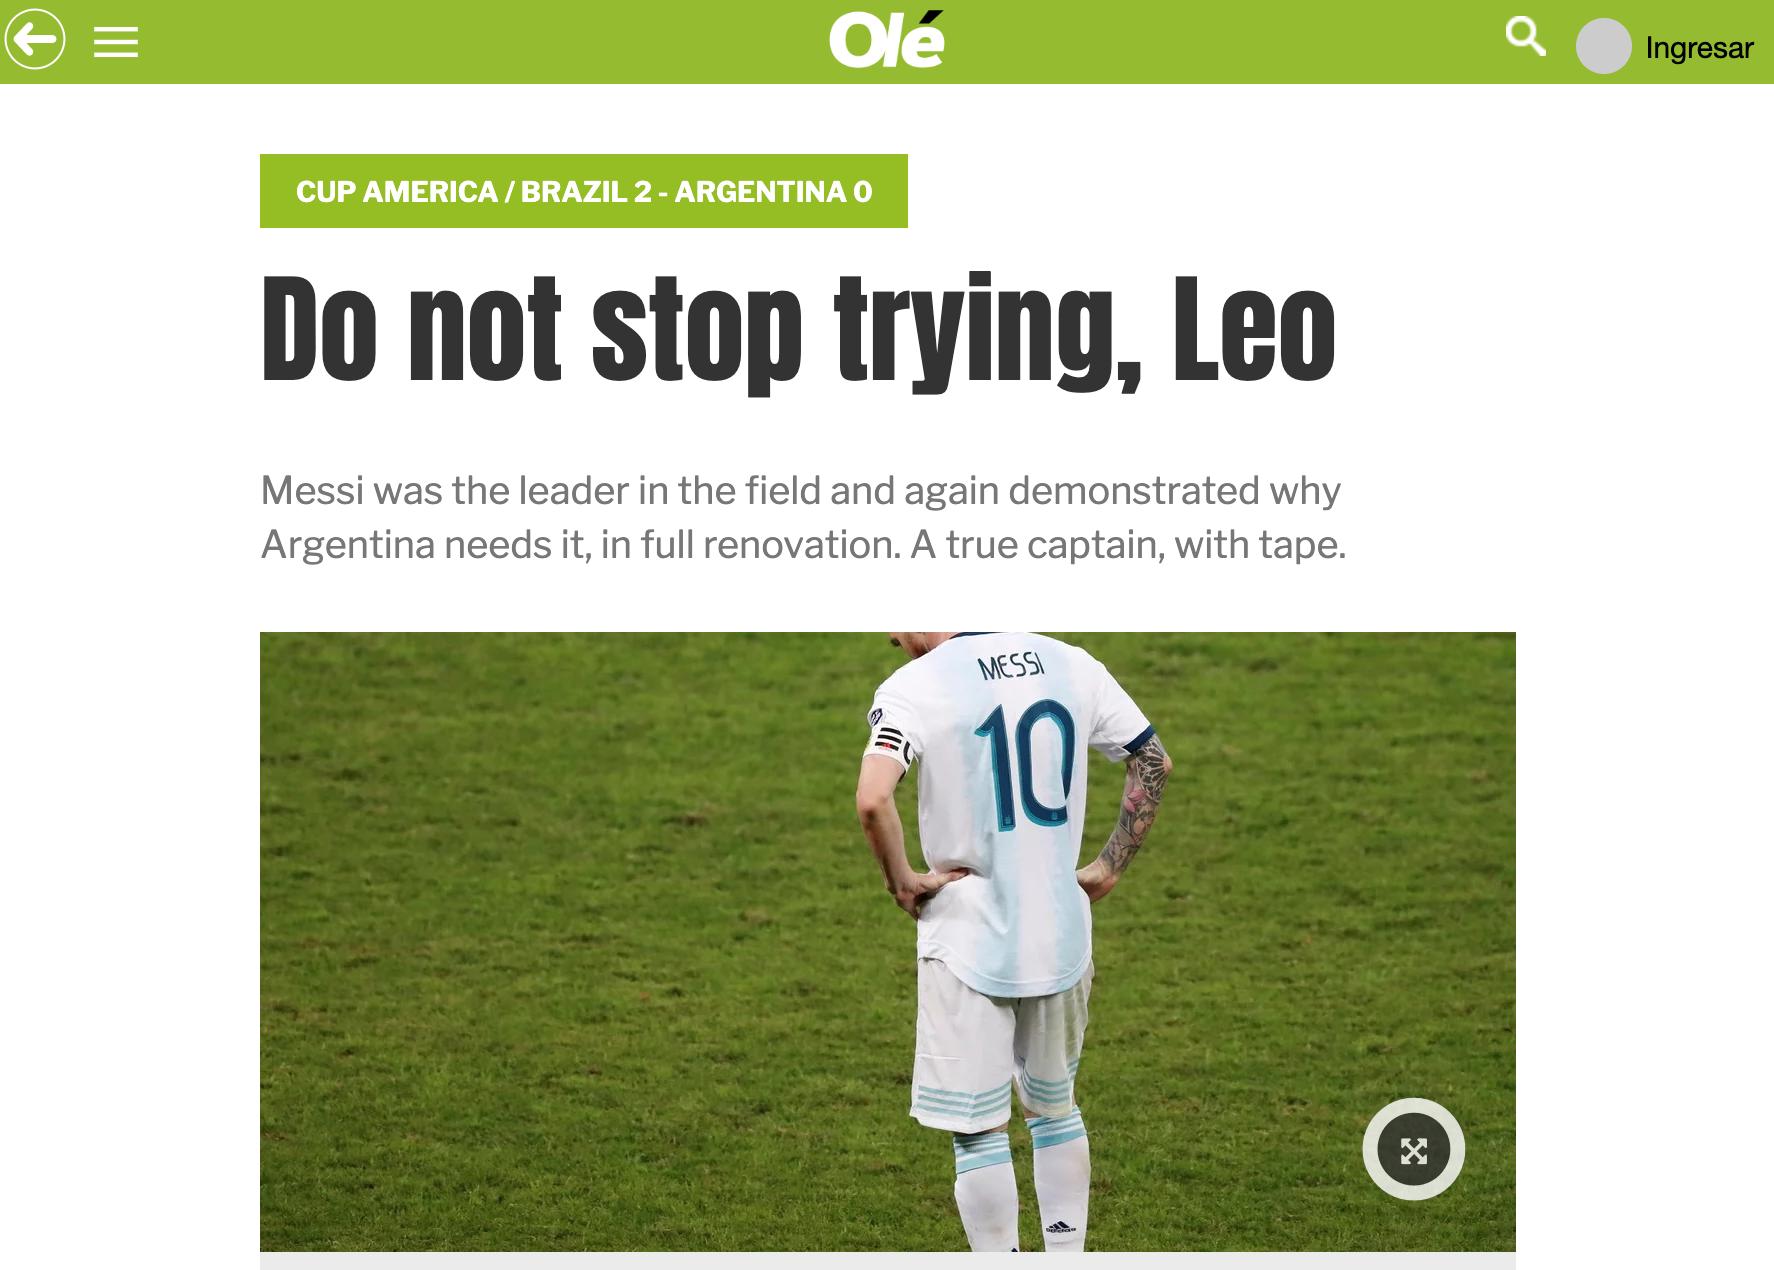 阿根廷媒体挺梅西:别放弃,你是场上的领袖和旗帜